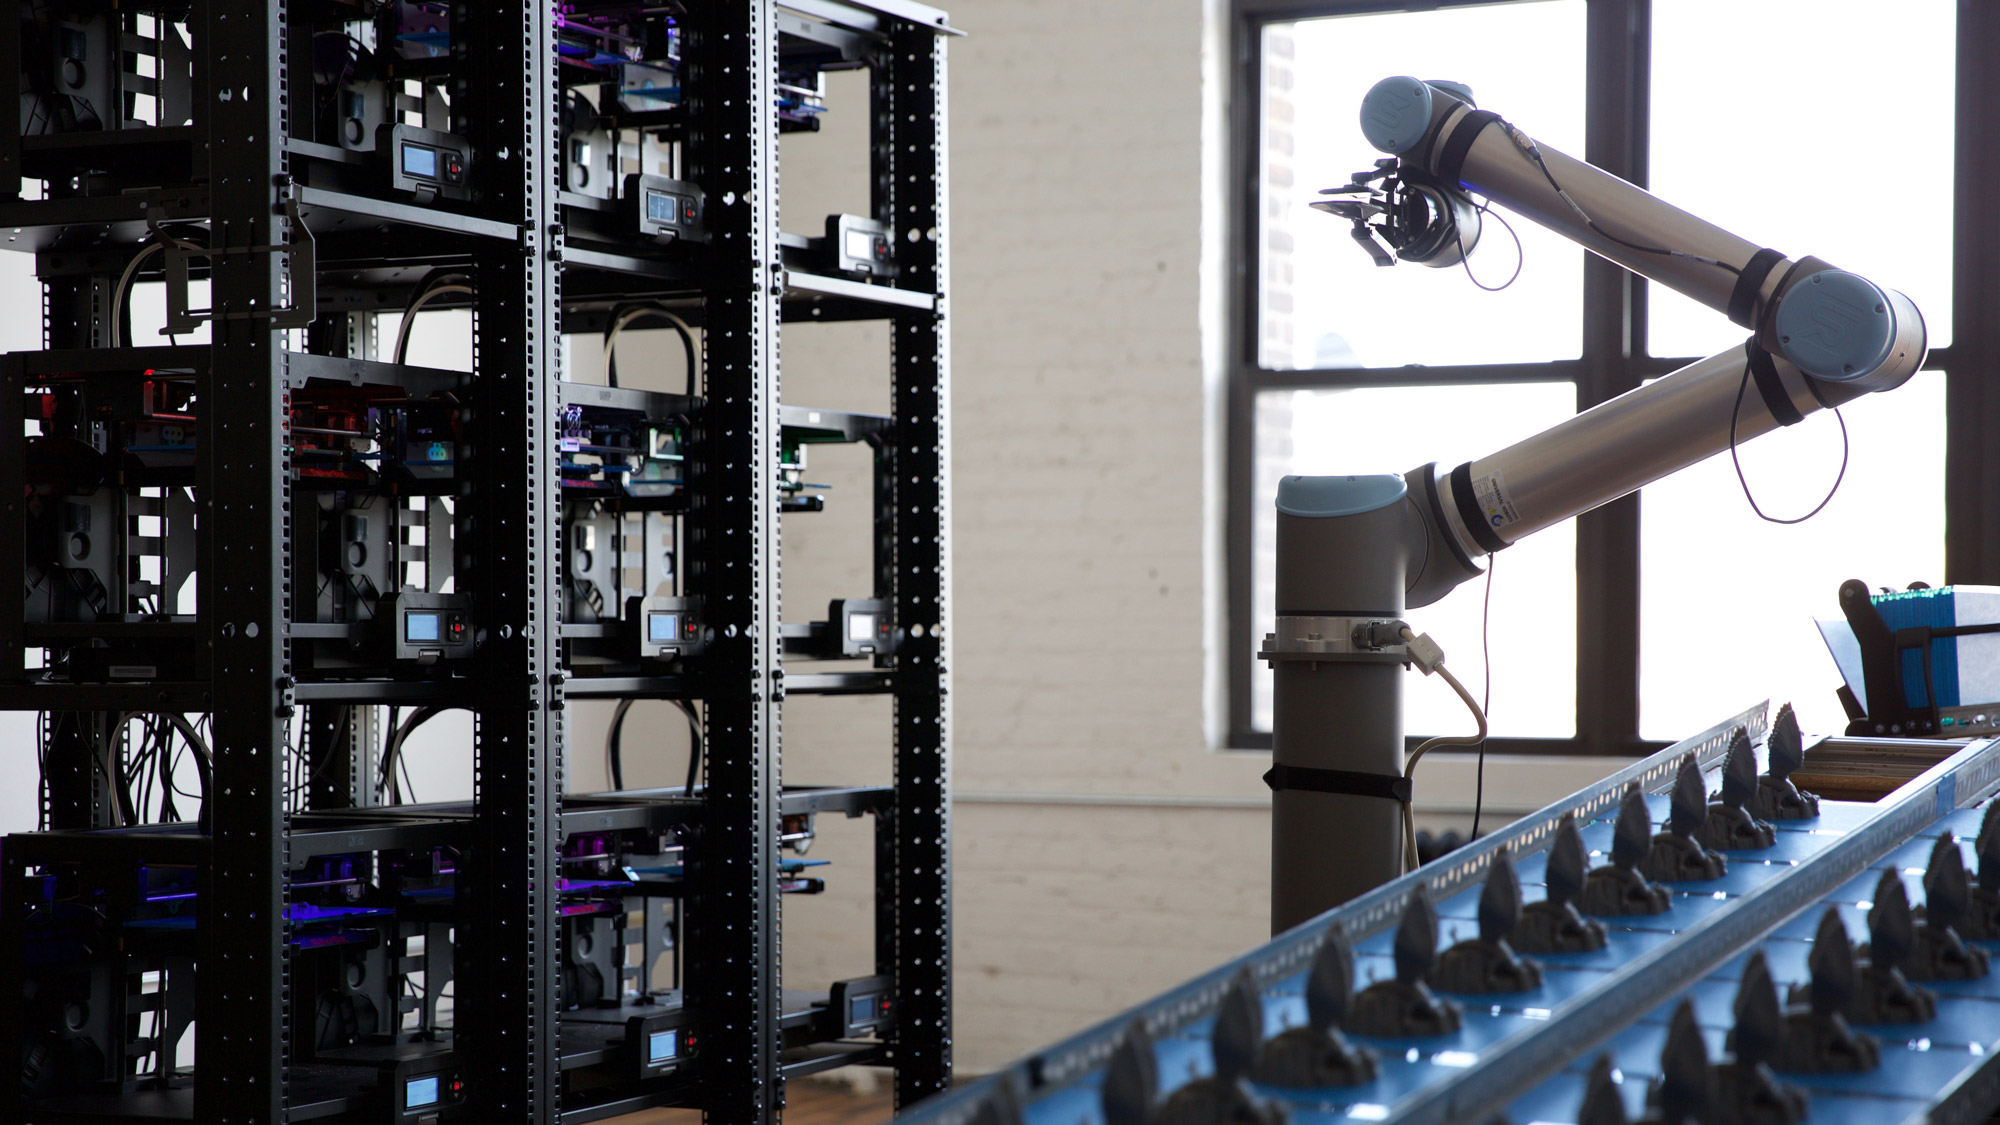 Les meilleurs services d'impression 3D en ligne de 2021 | All3DP